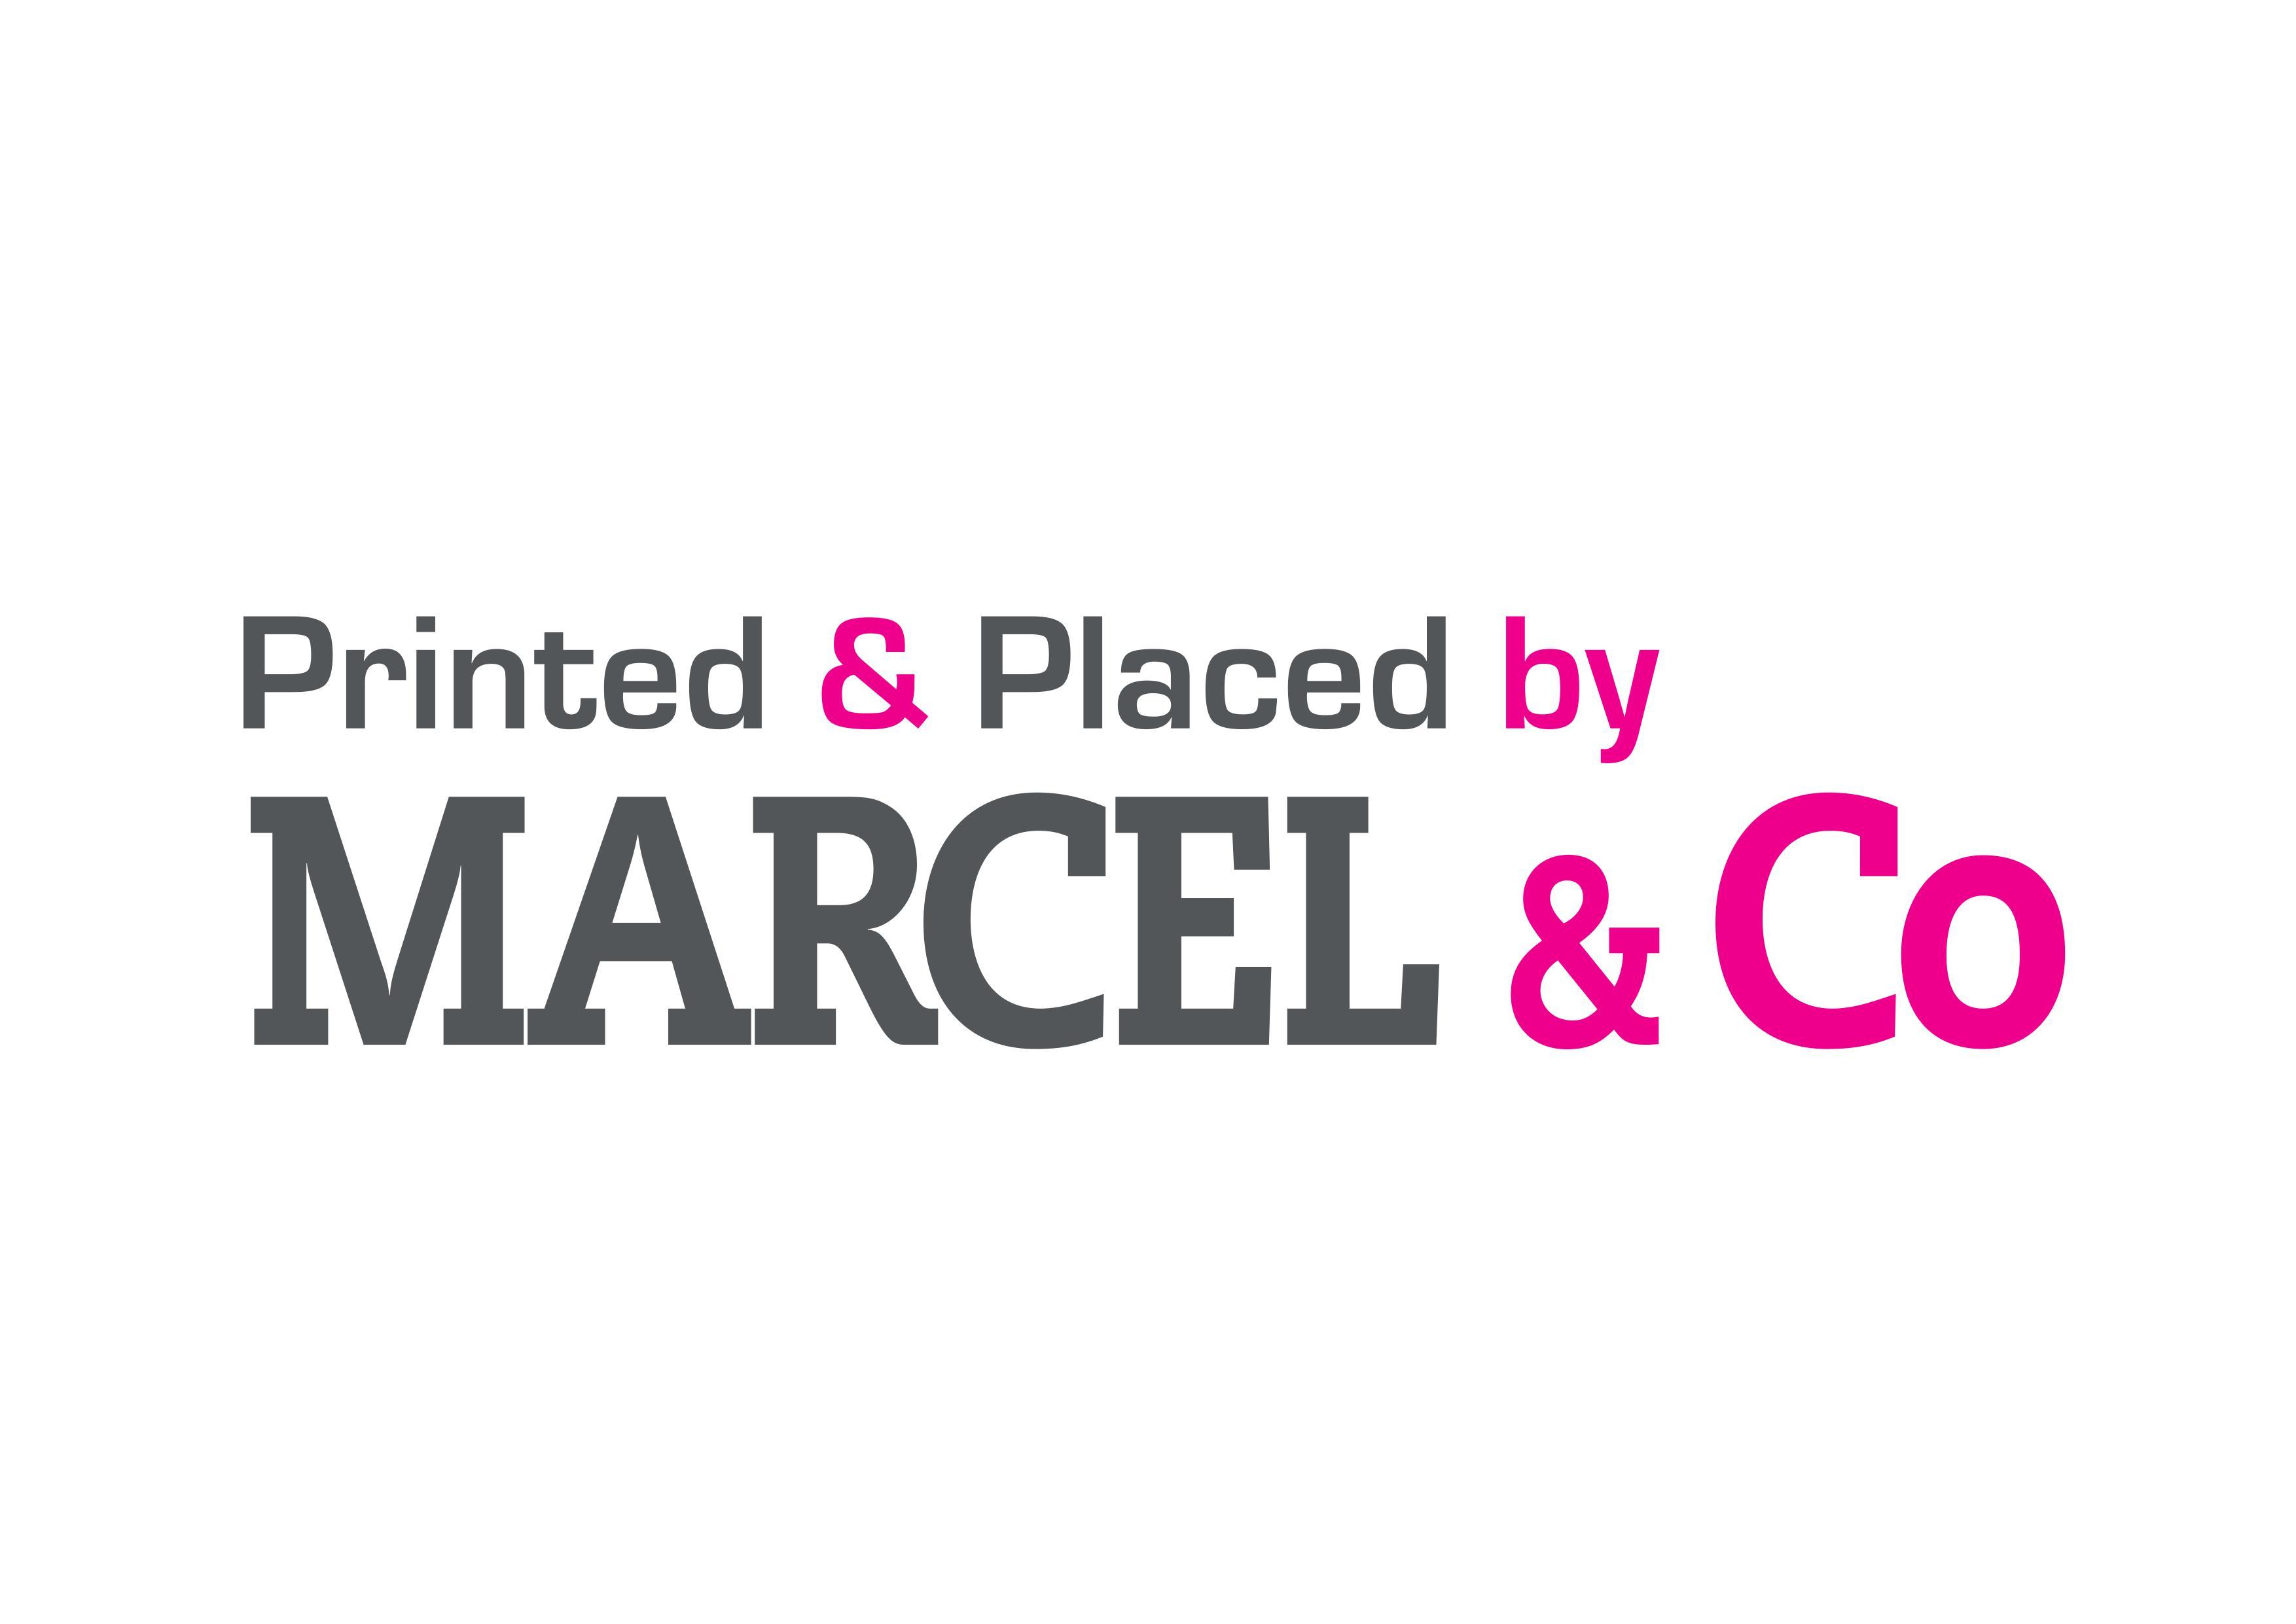 MARCEL&CO